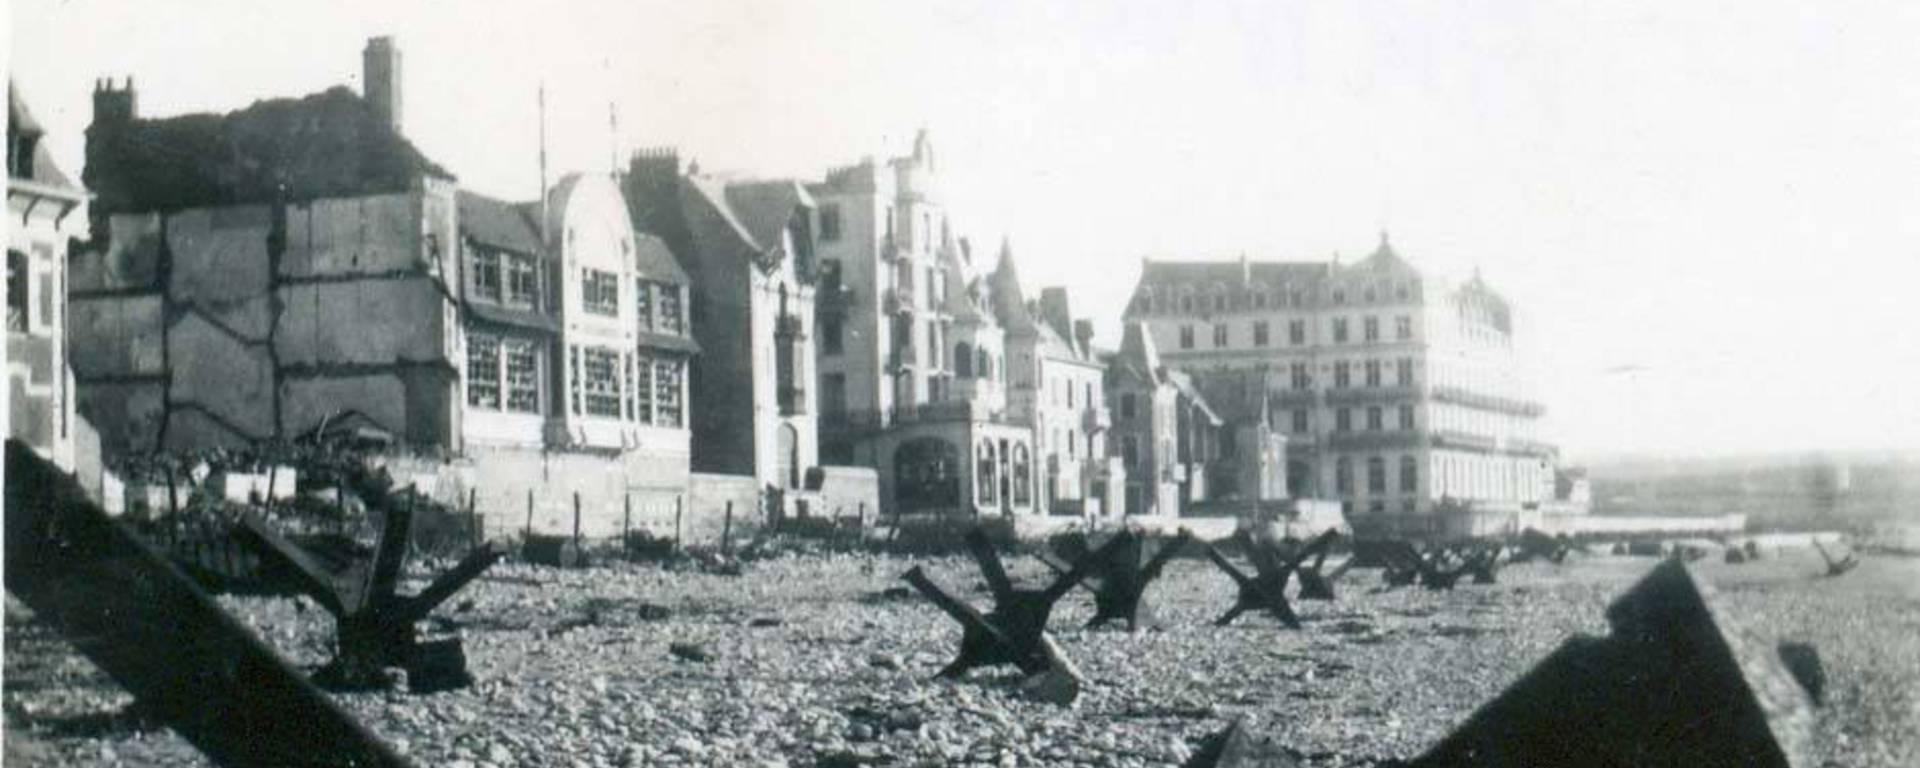 Wimereux pendant la Seconde Guerre Mondiale